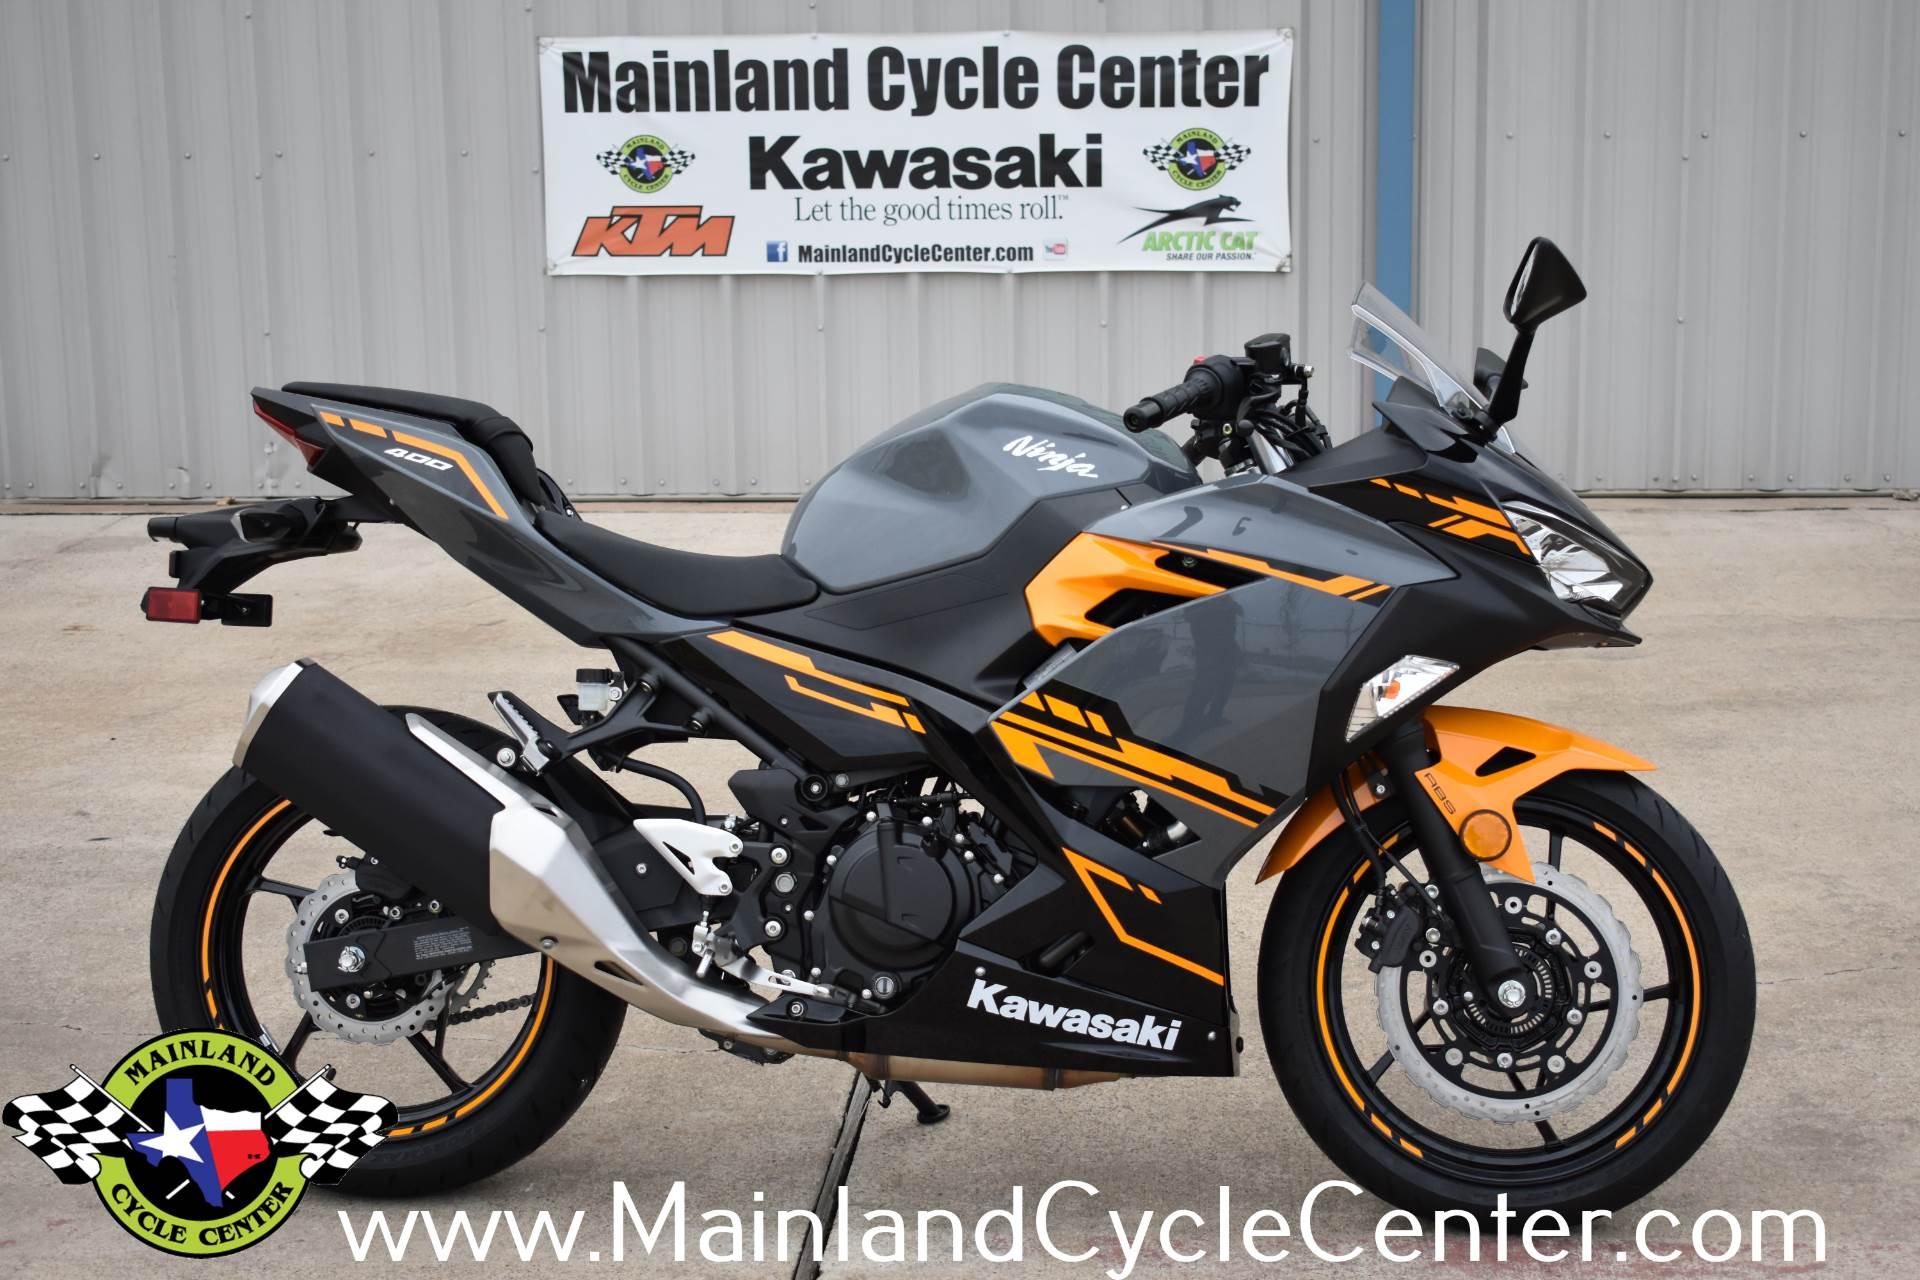 2018 Kawasaki Ninja 400 ABS In La Marque Texas